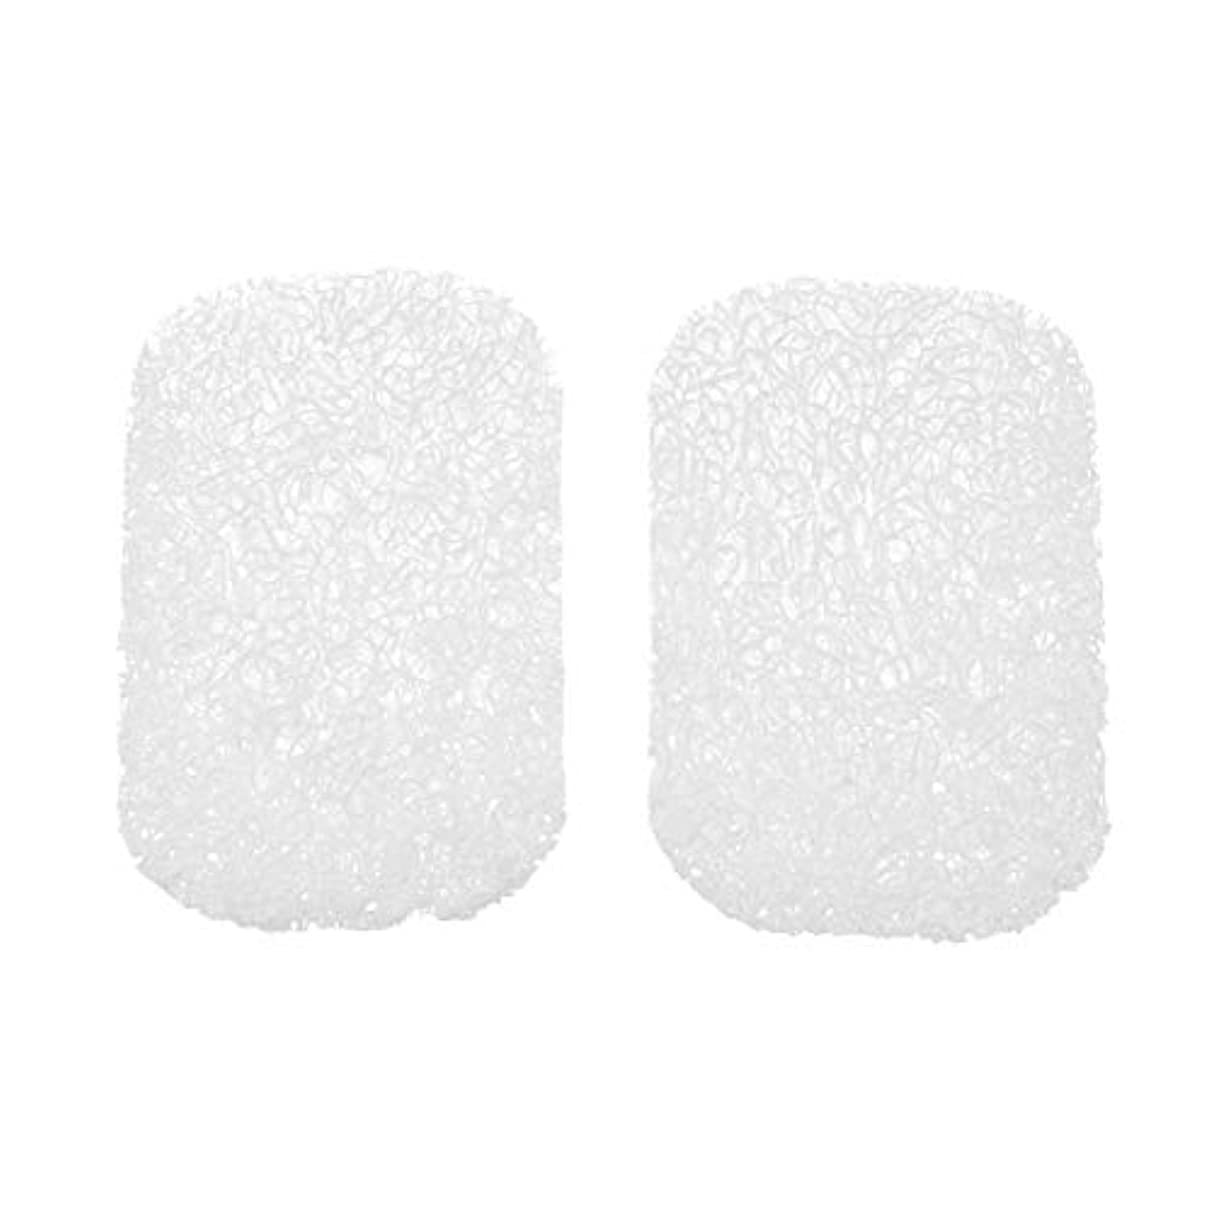 増加する直接解釈Healifty 石鹸トレイ滑り止め日常用ソープホルダー10個入(白)